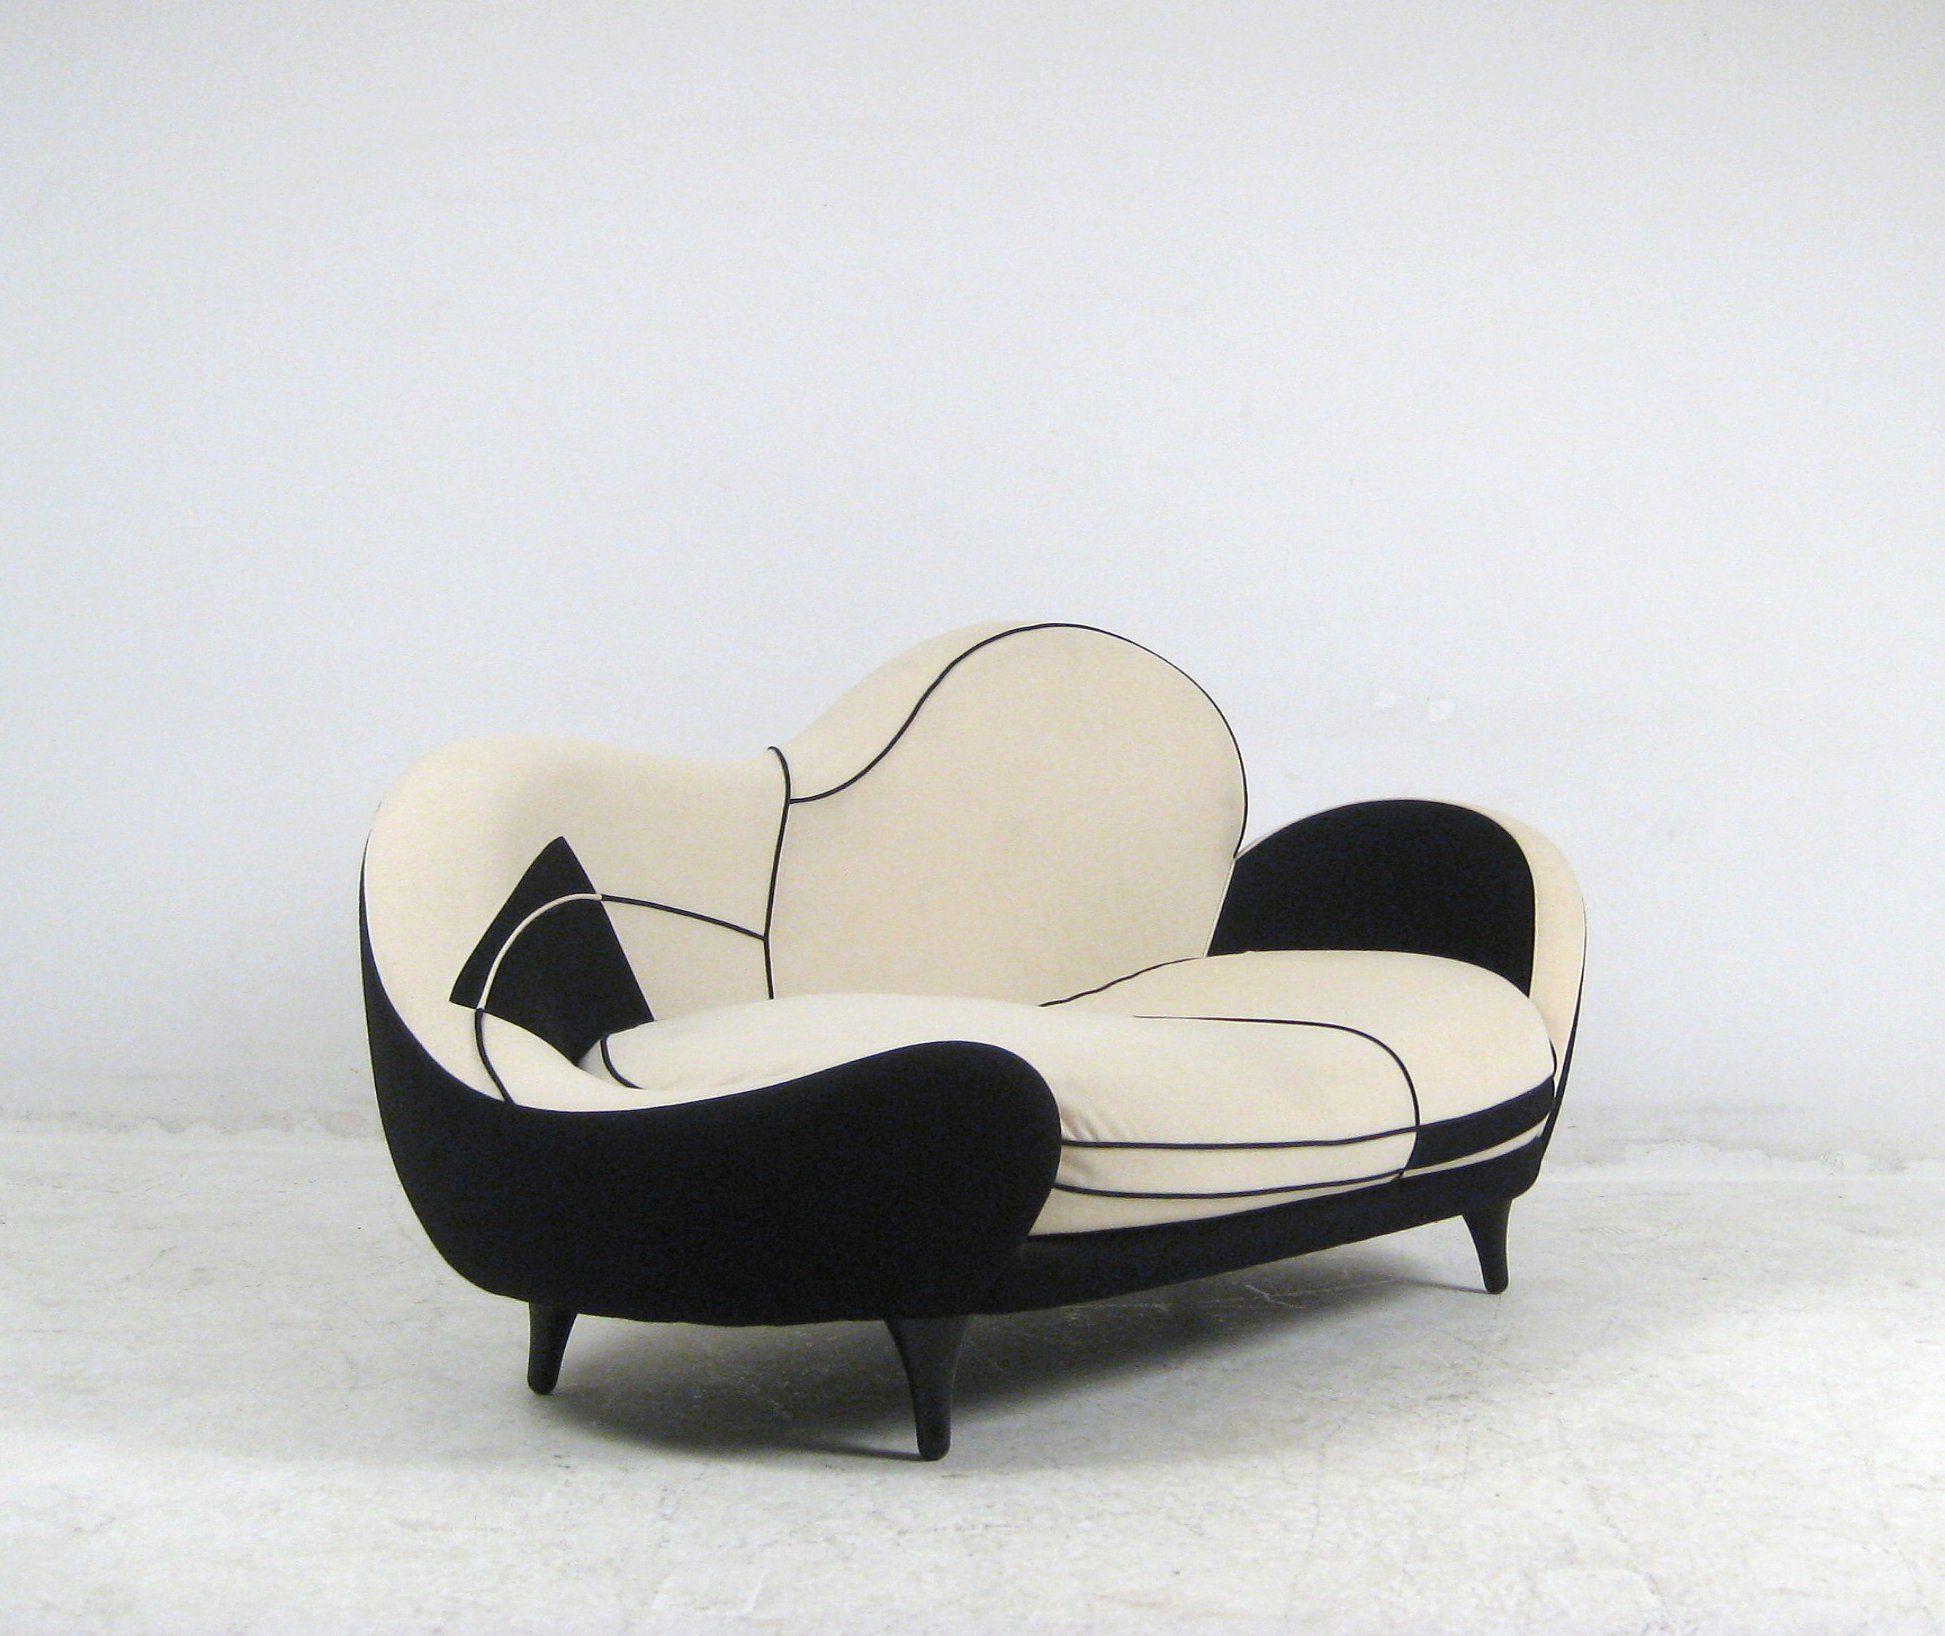 Sofa Saula Marina Aus Der LOS MUEBLES AMOROSOS Serie, Design Von Javier  Mariscal Für Moroso